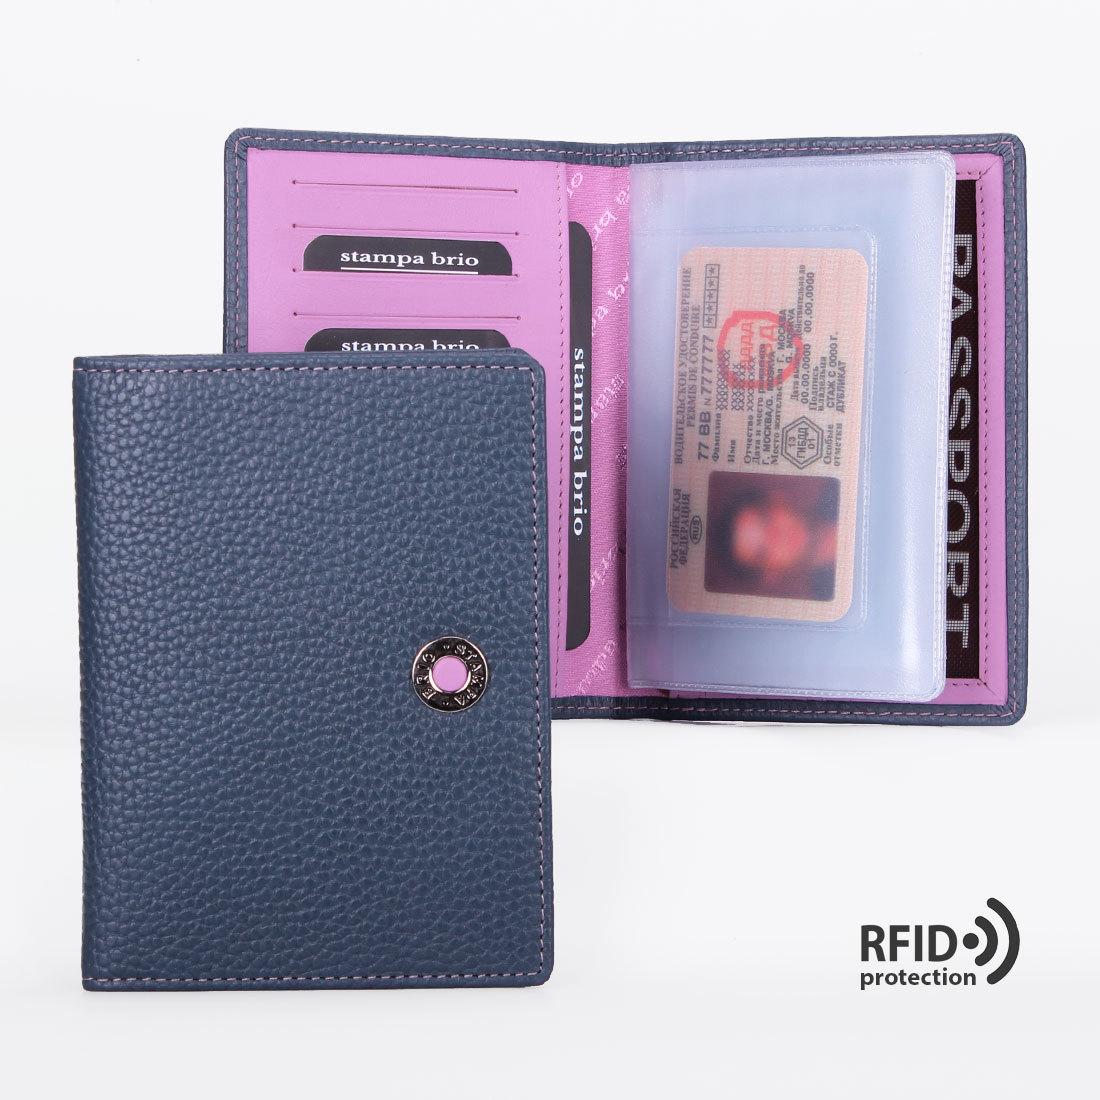 267 R - Обложка для документов с RFID защитой